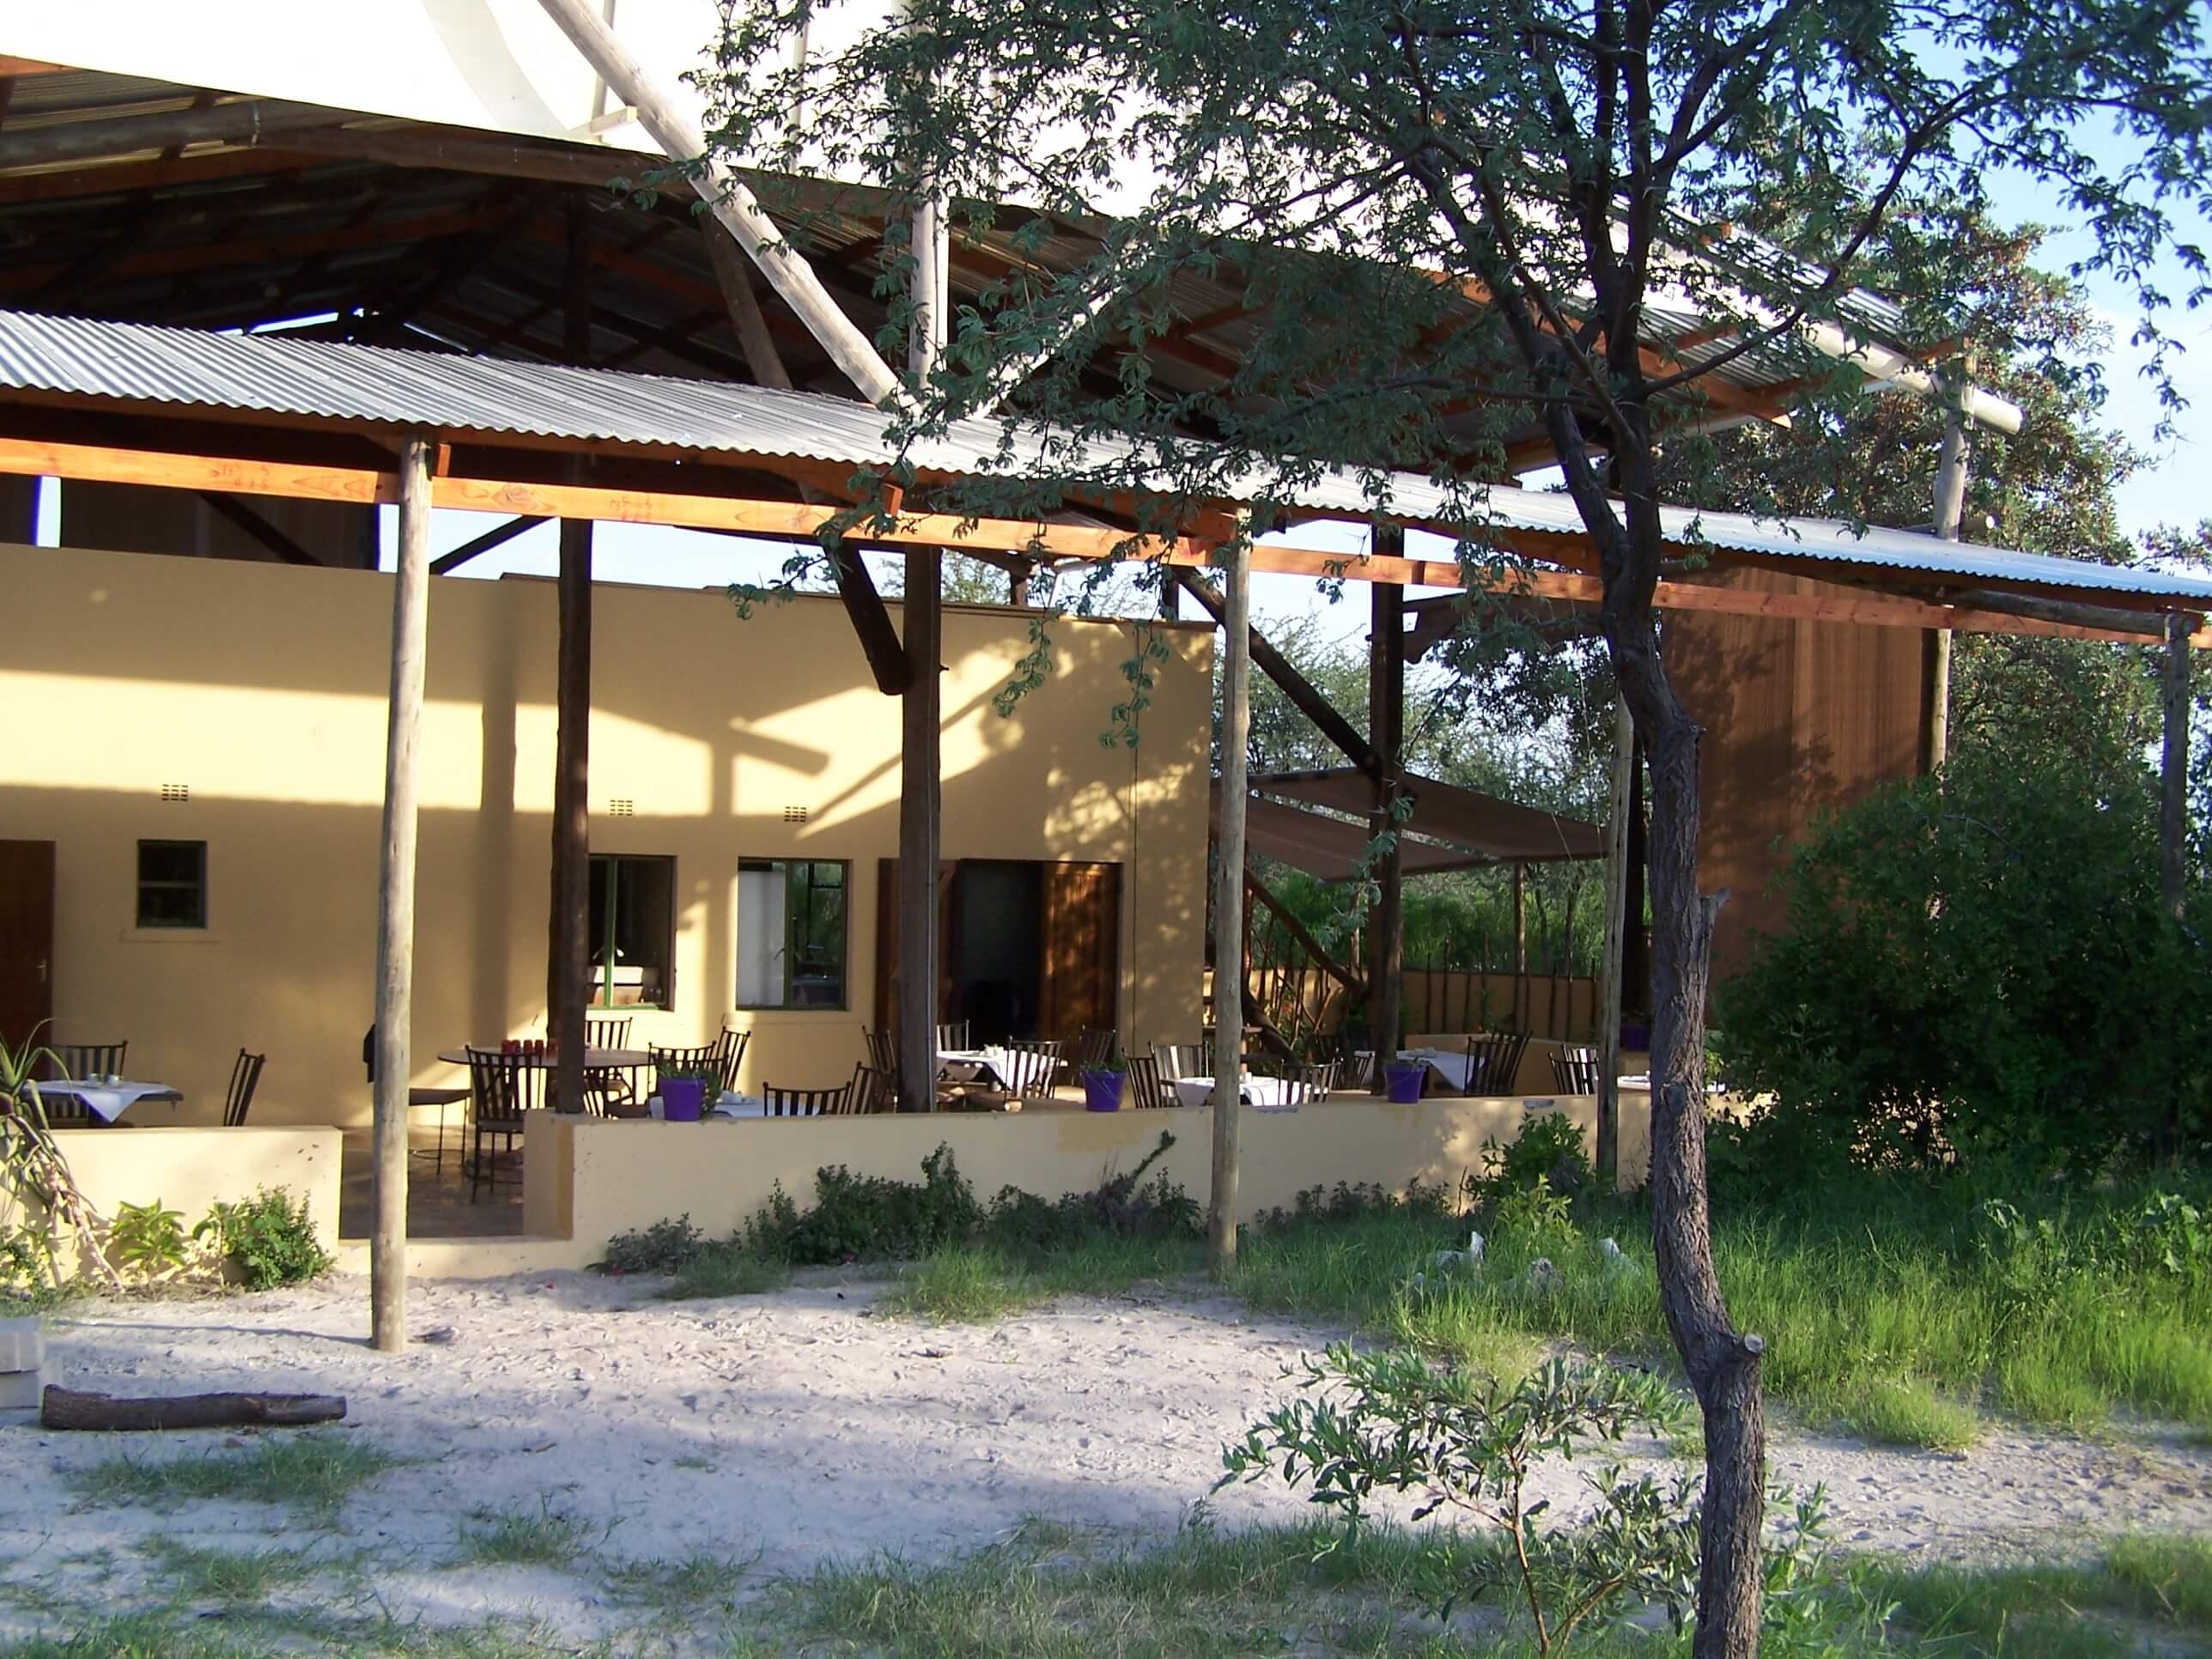 Tiaan's Camp